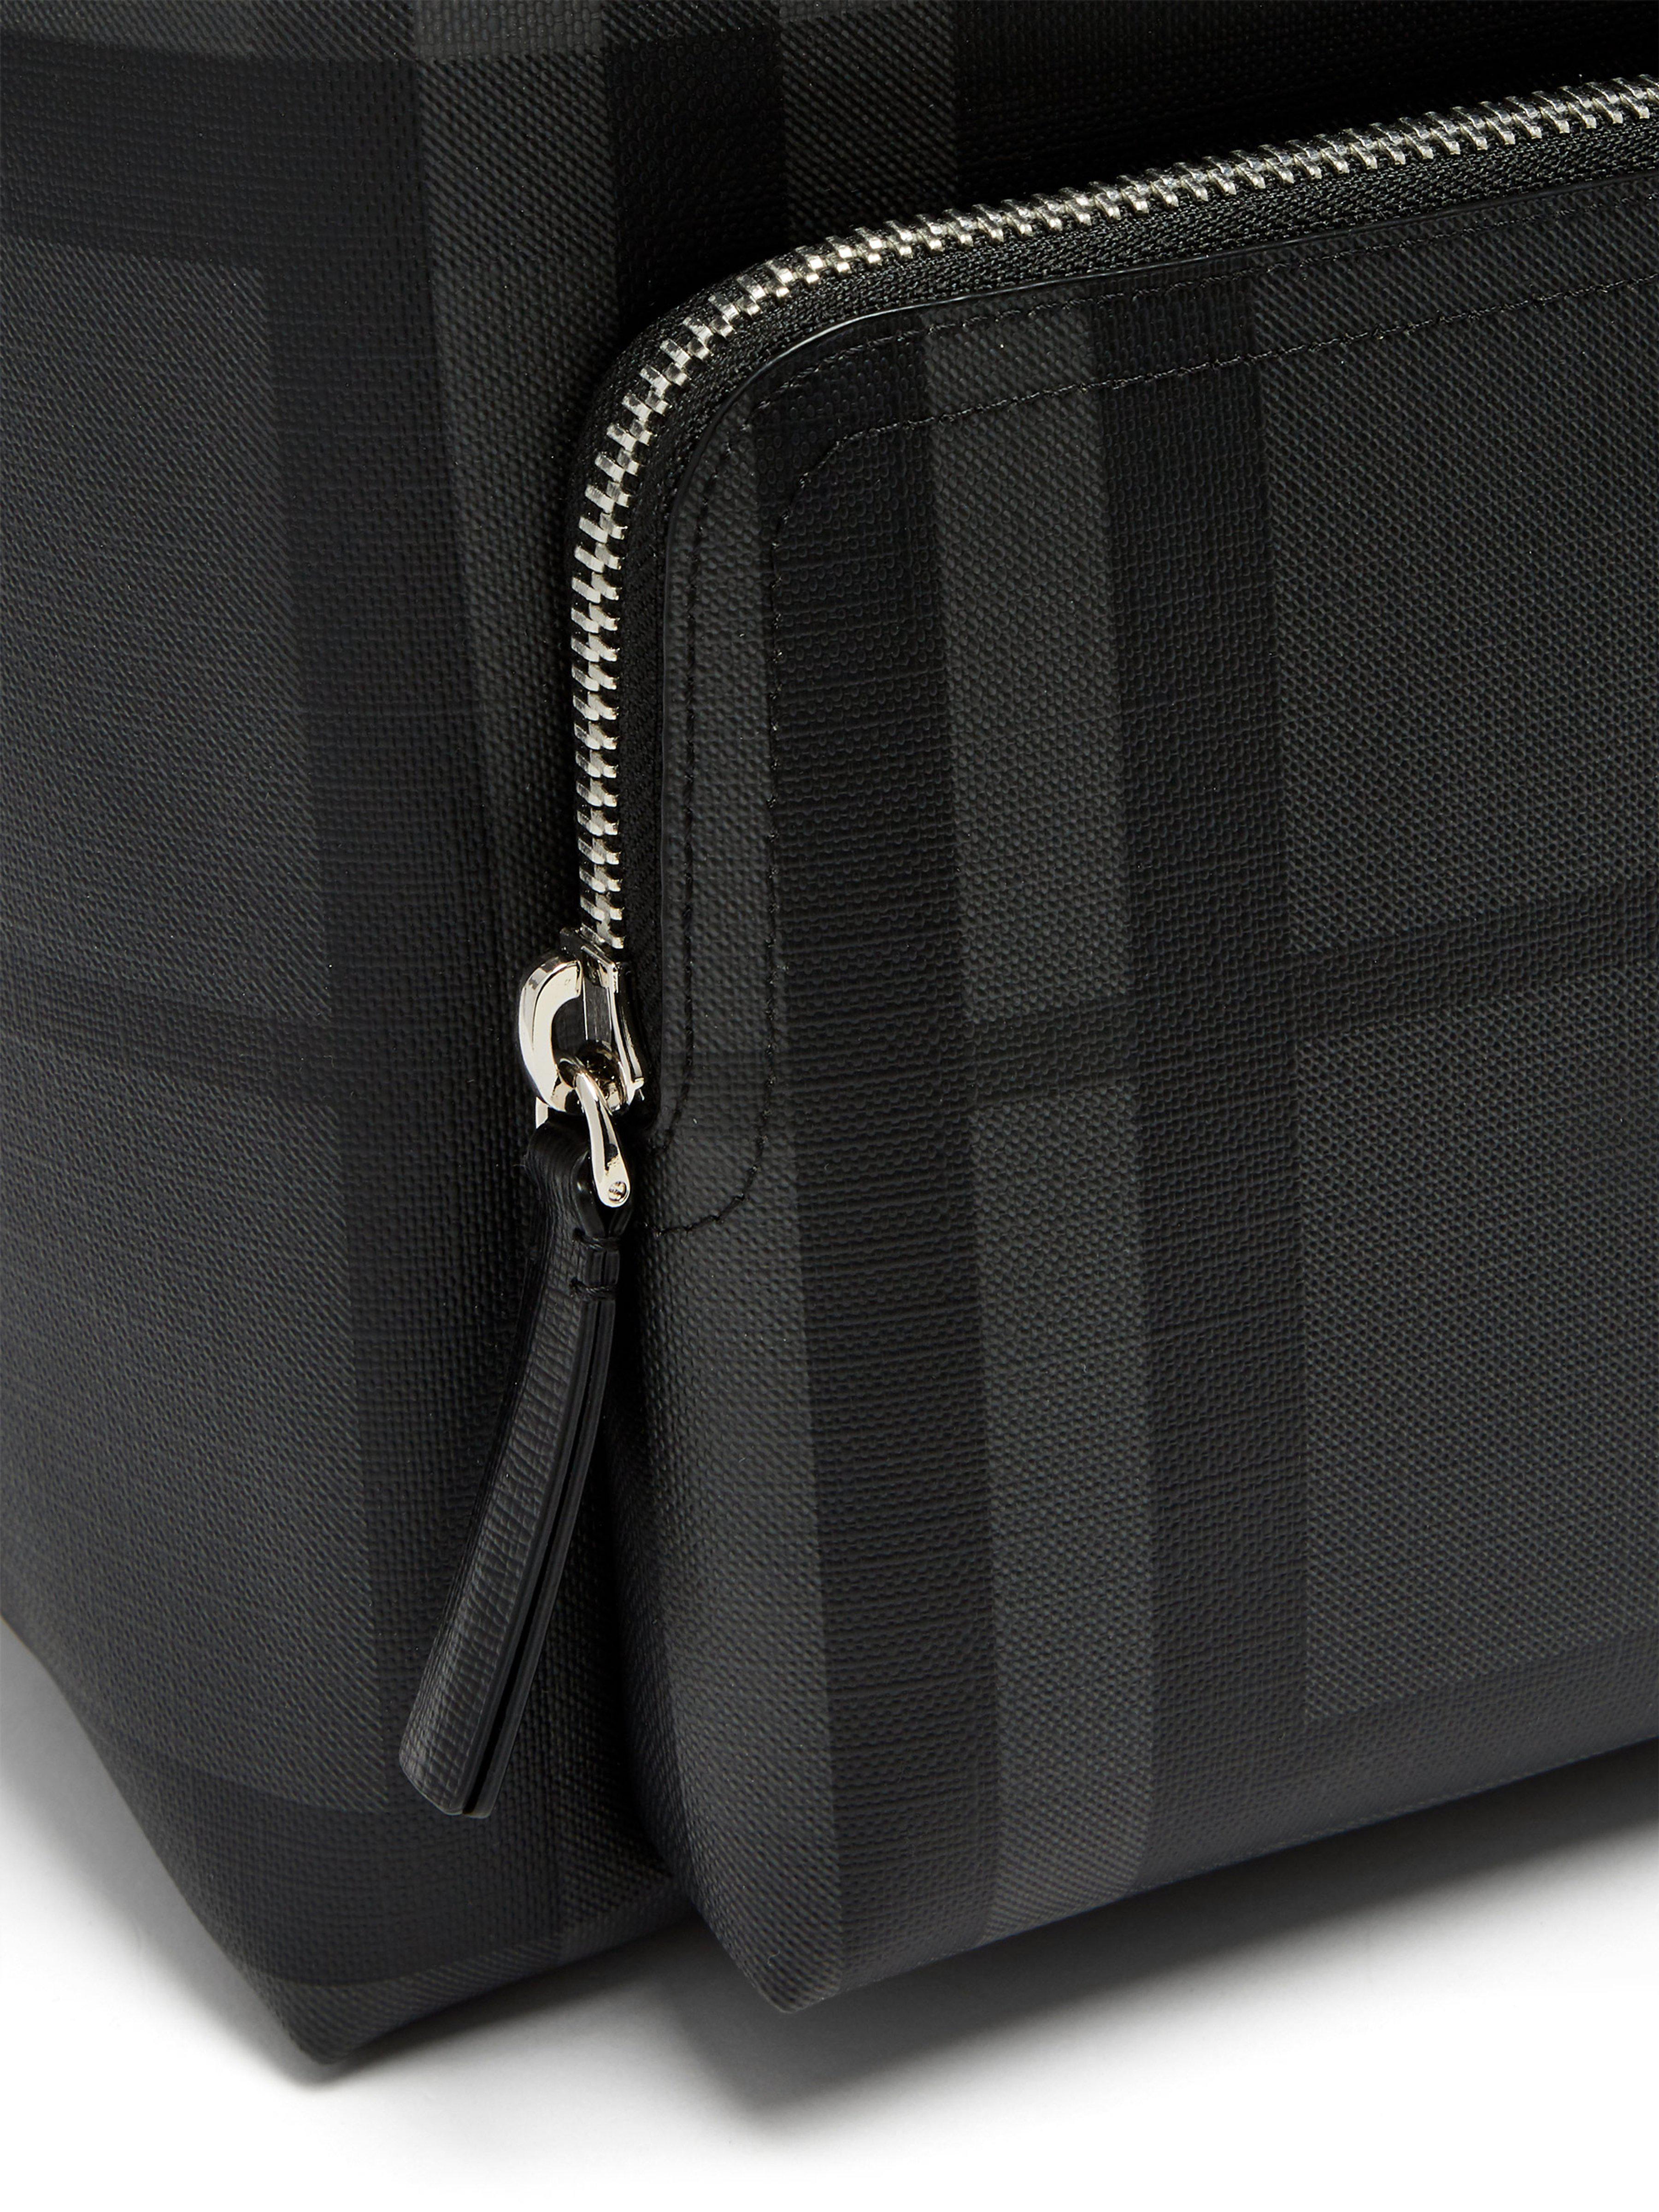 1e708703b29d Burberry London Check Pvc Backpack in Black for Men - Lyst